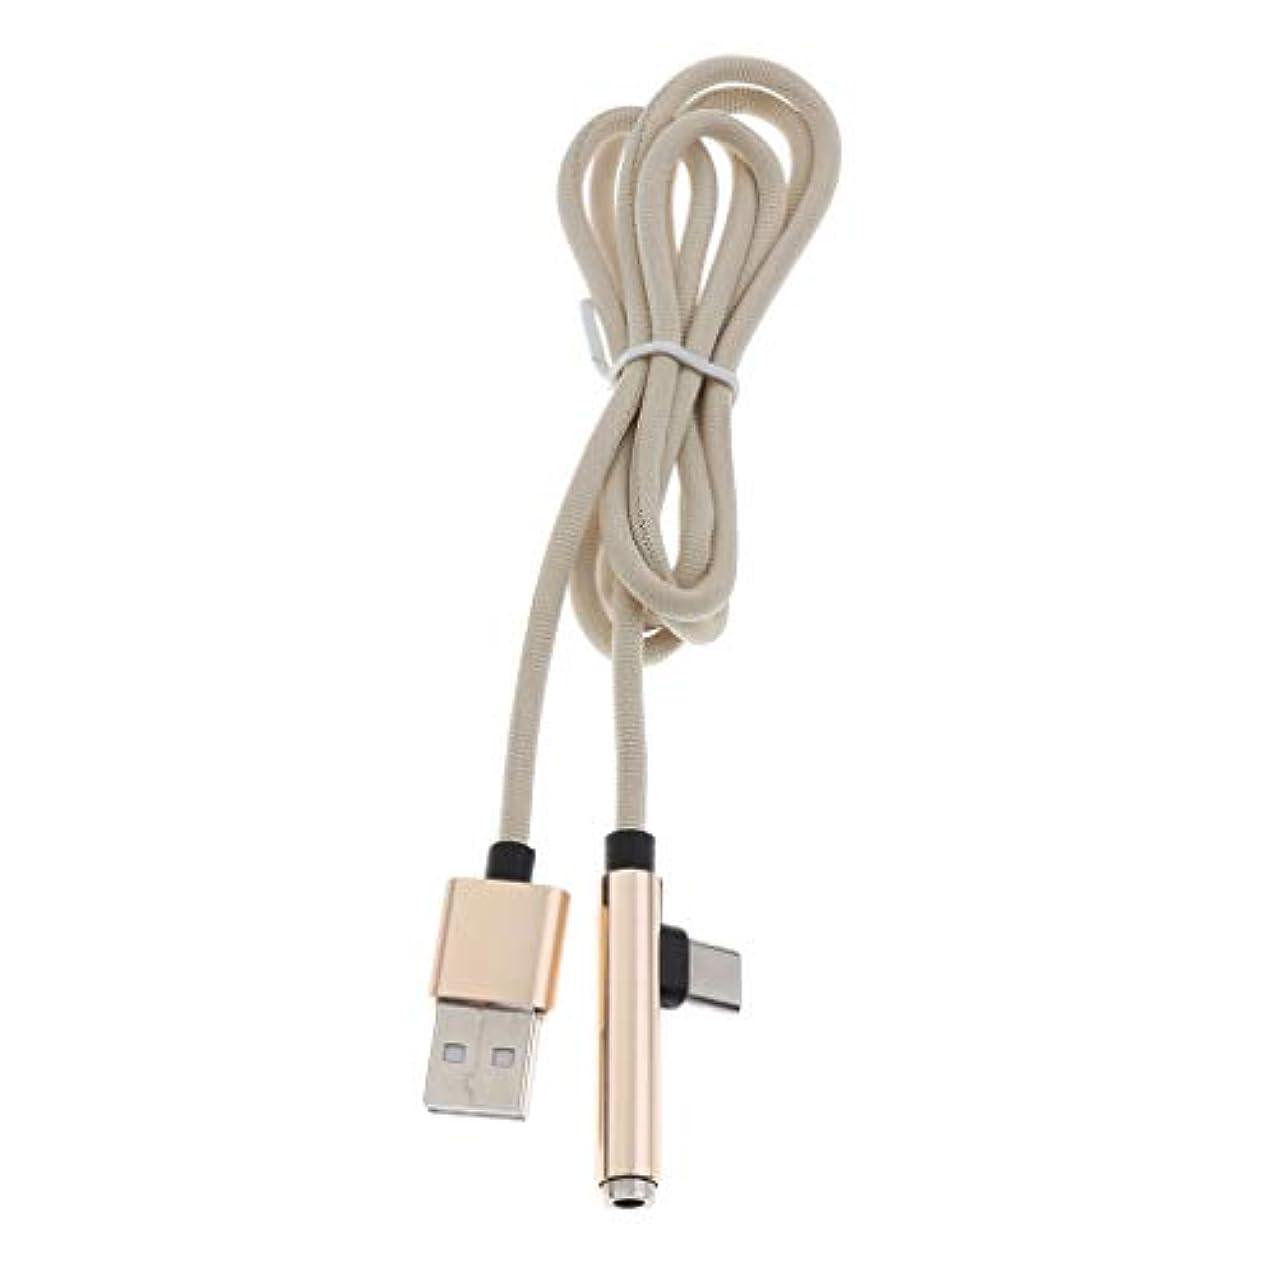 漫画第不適切なBaoblaze USB 3.0 タイプ-C 3.5mm ヘッドフォン オーディオ 充電ケーブル アダプター スプリッター 全3色 - ゴールド